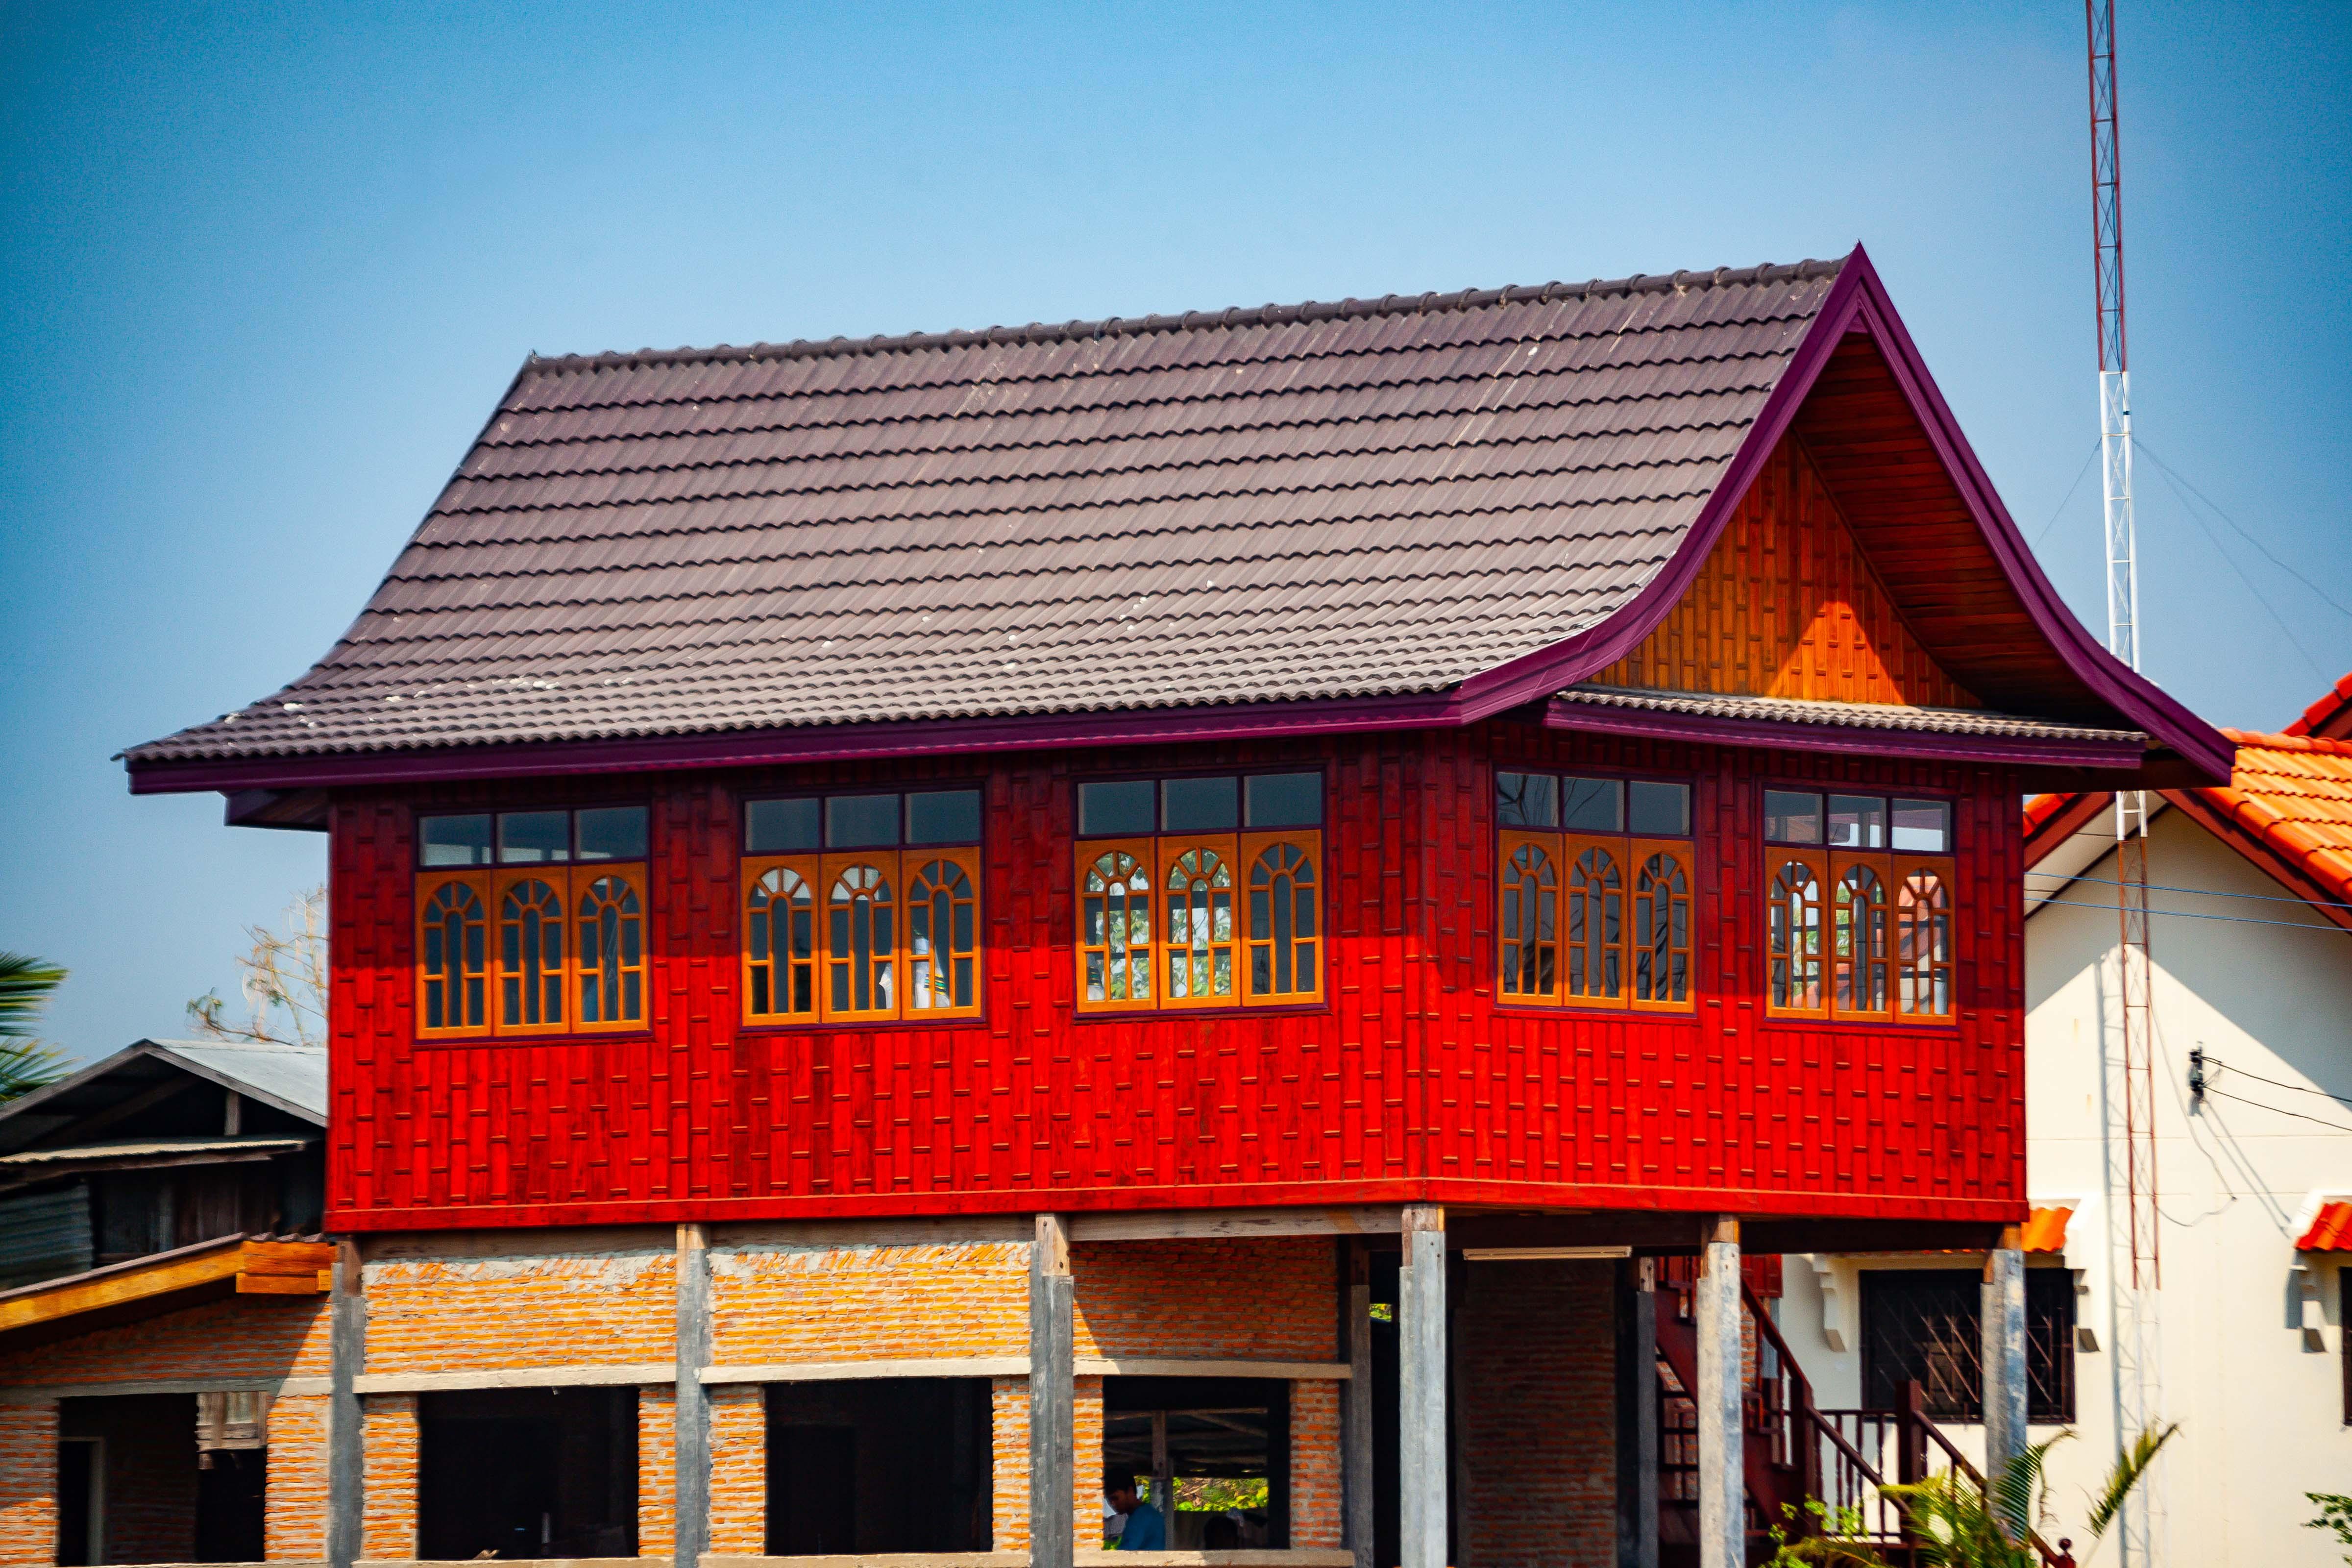 Thailand, Maha Sarakham Prov, House, 2008, IMG 0691